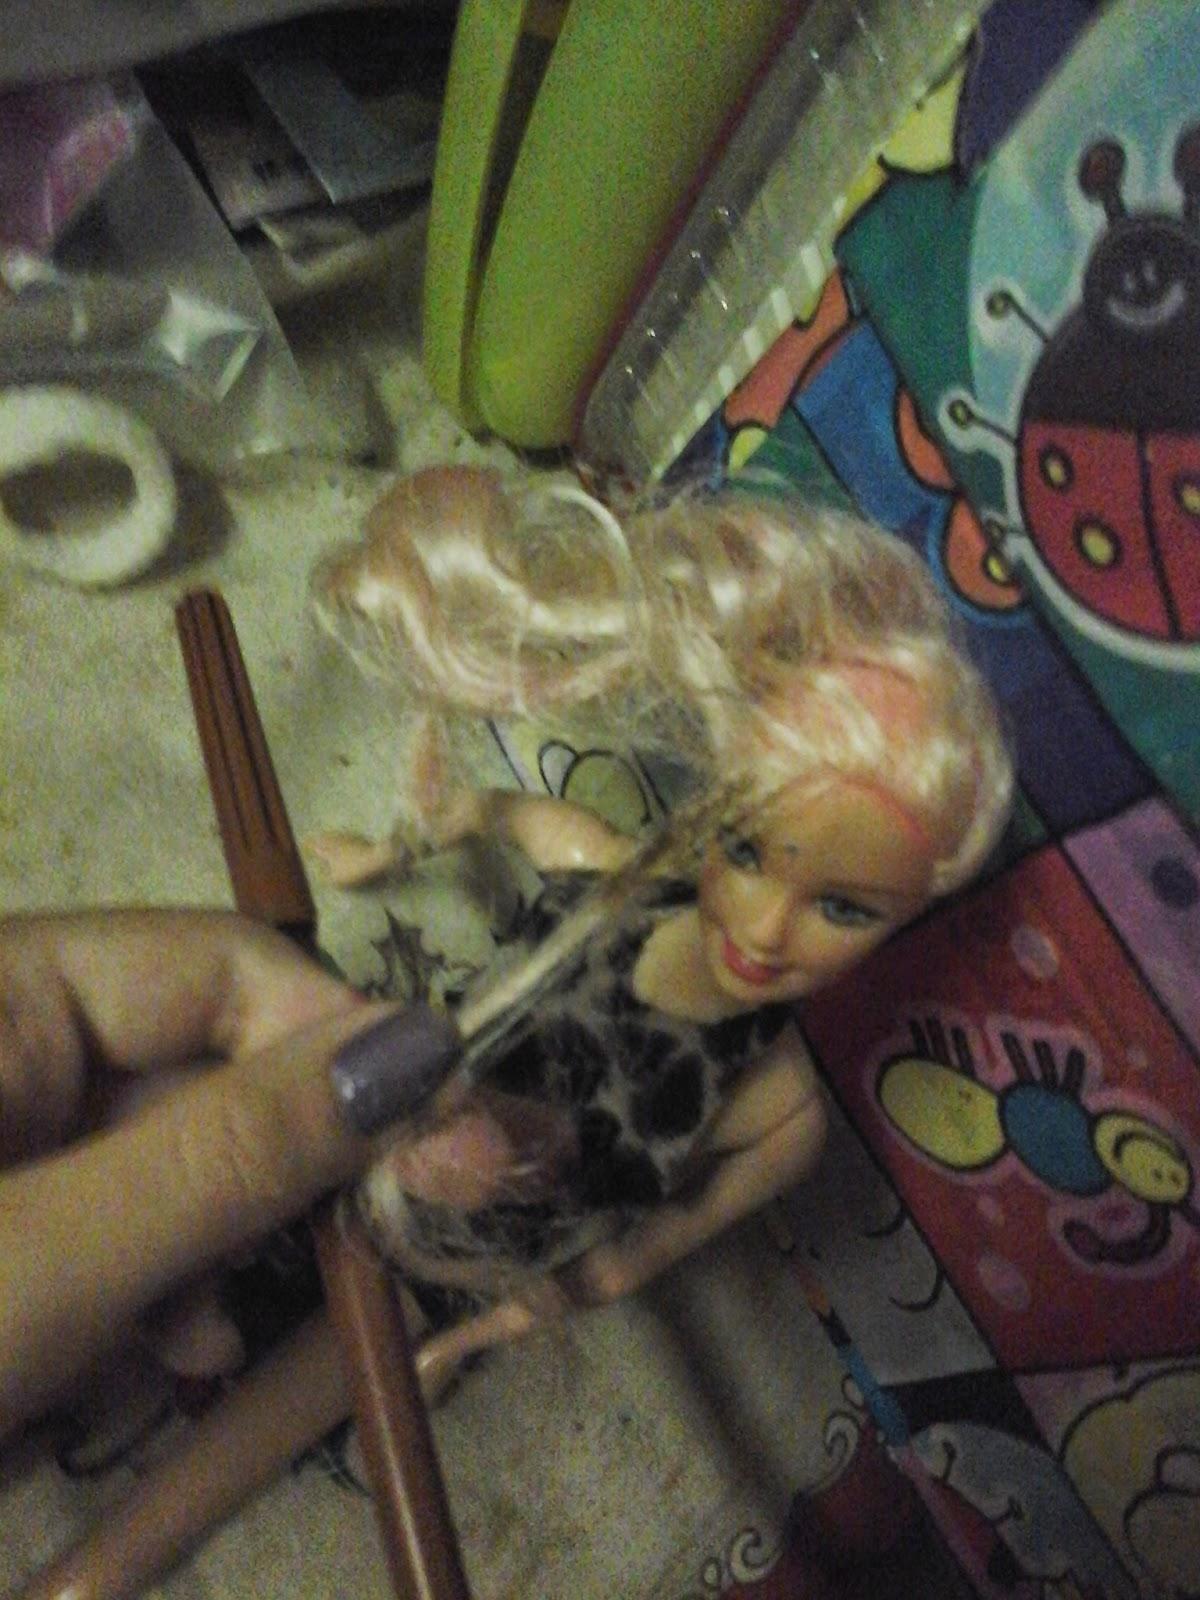 fazendo mechas na barbie